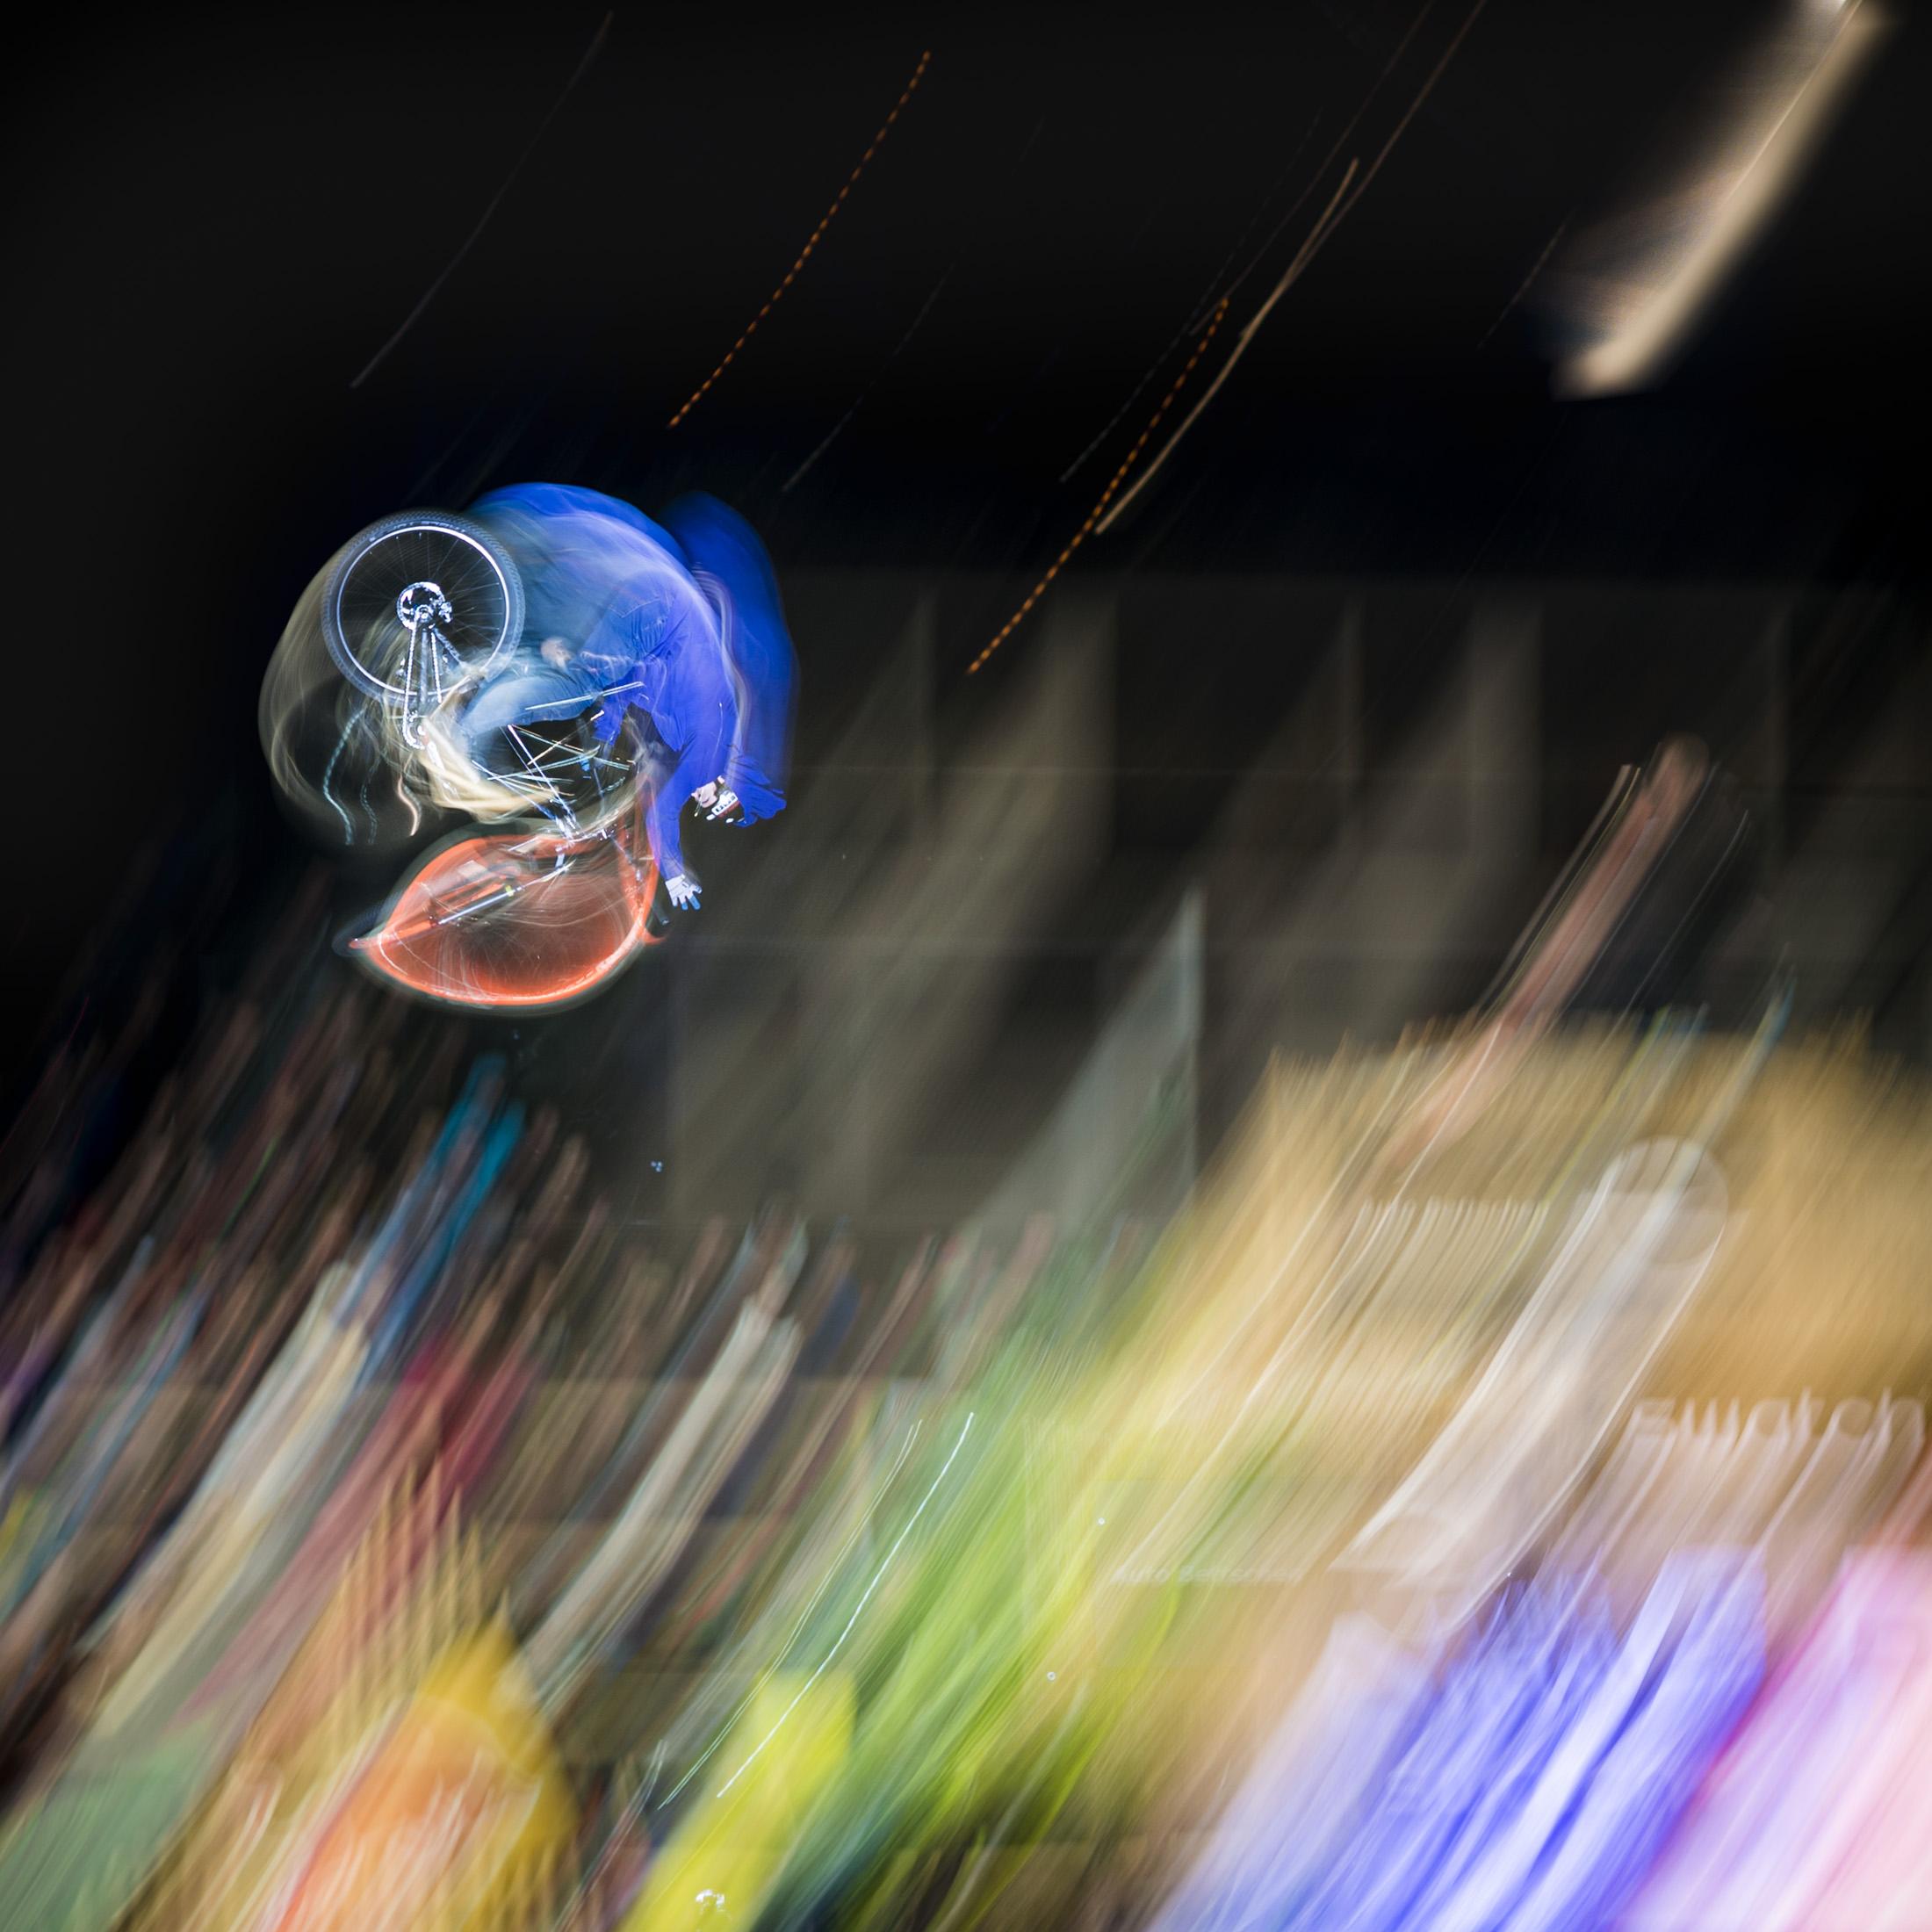 Swatch Rocket Air, Slopstyle 2016, Thun, Eishalle Grabengut, Bike, Eventfotografie, Sportfotografie; davidschweizer.ch